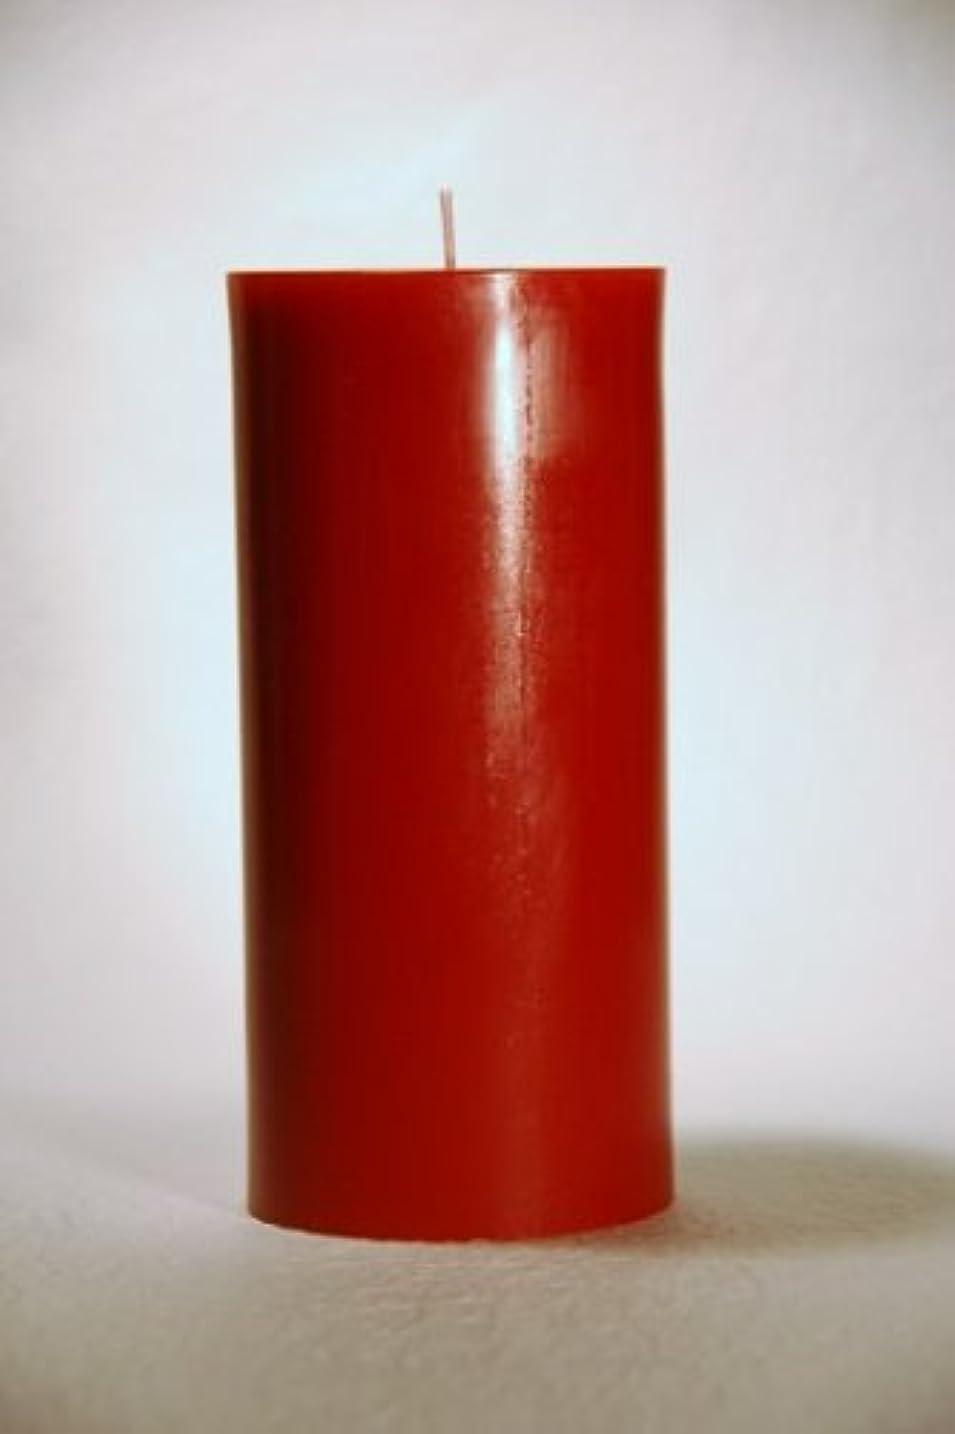 ブラウンアフリカ人染料ペガサスキャンドル 2?3/4×6ラウンド Xmasレッド-